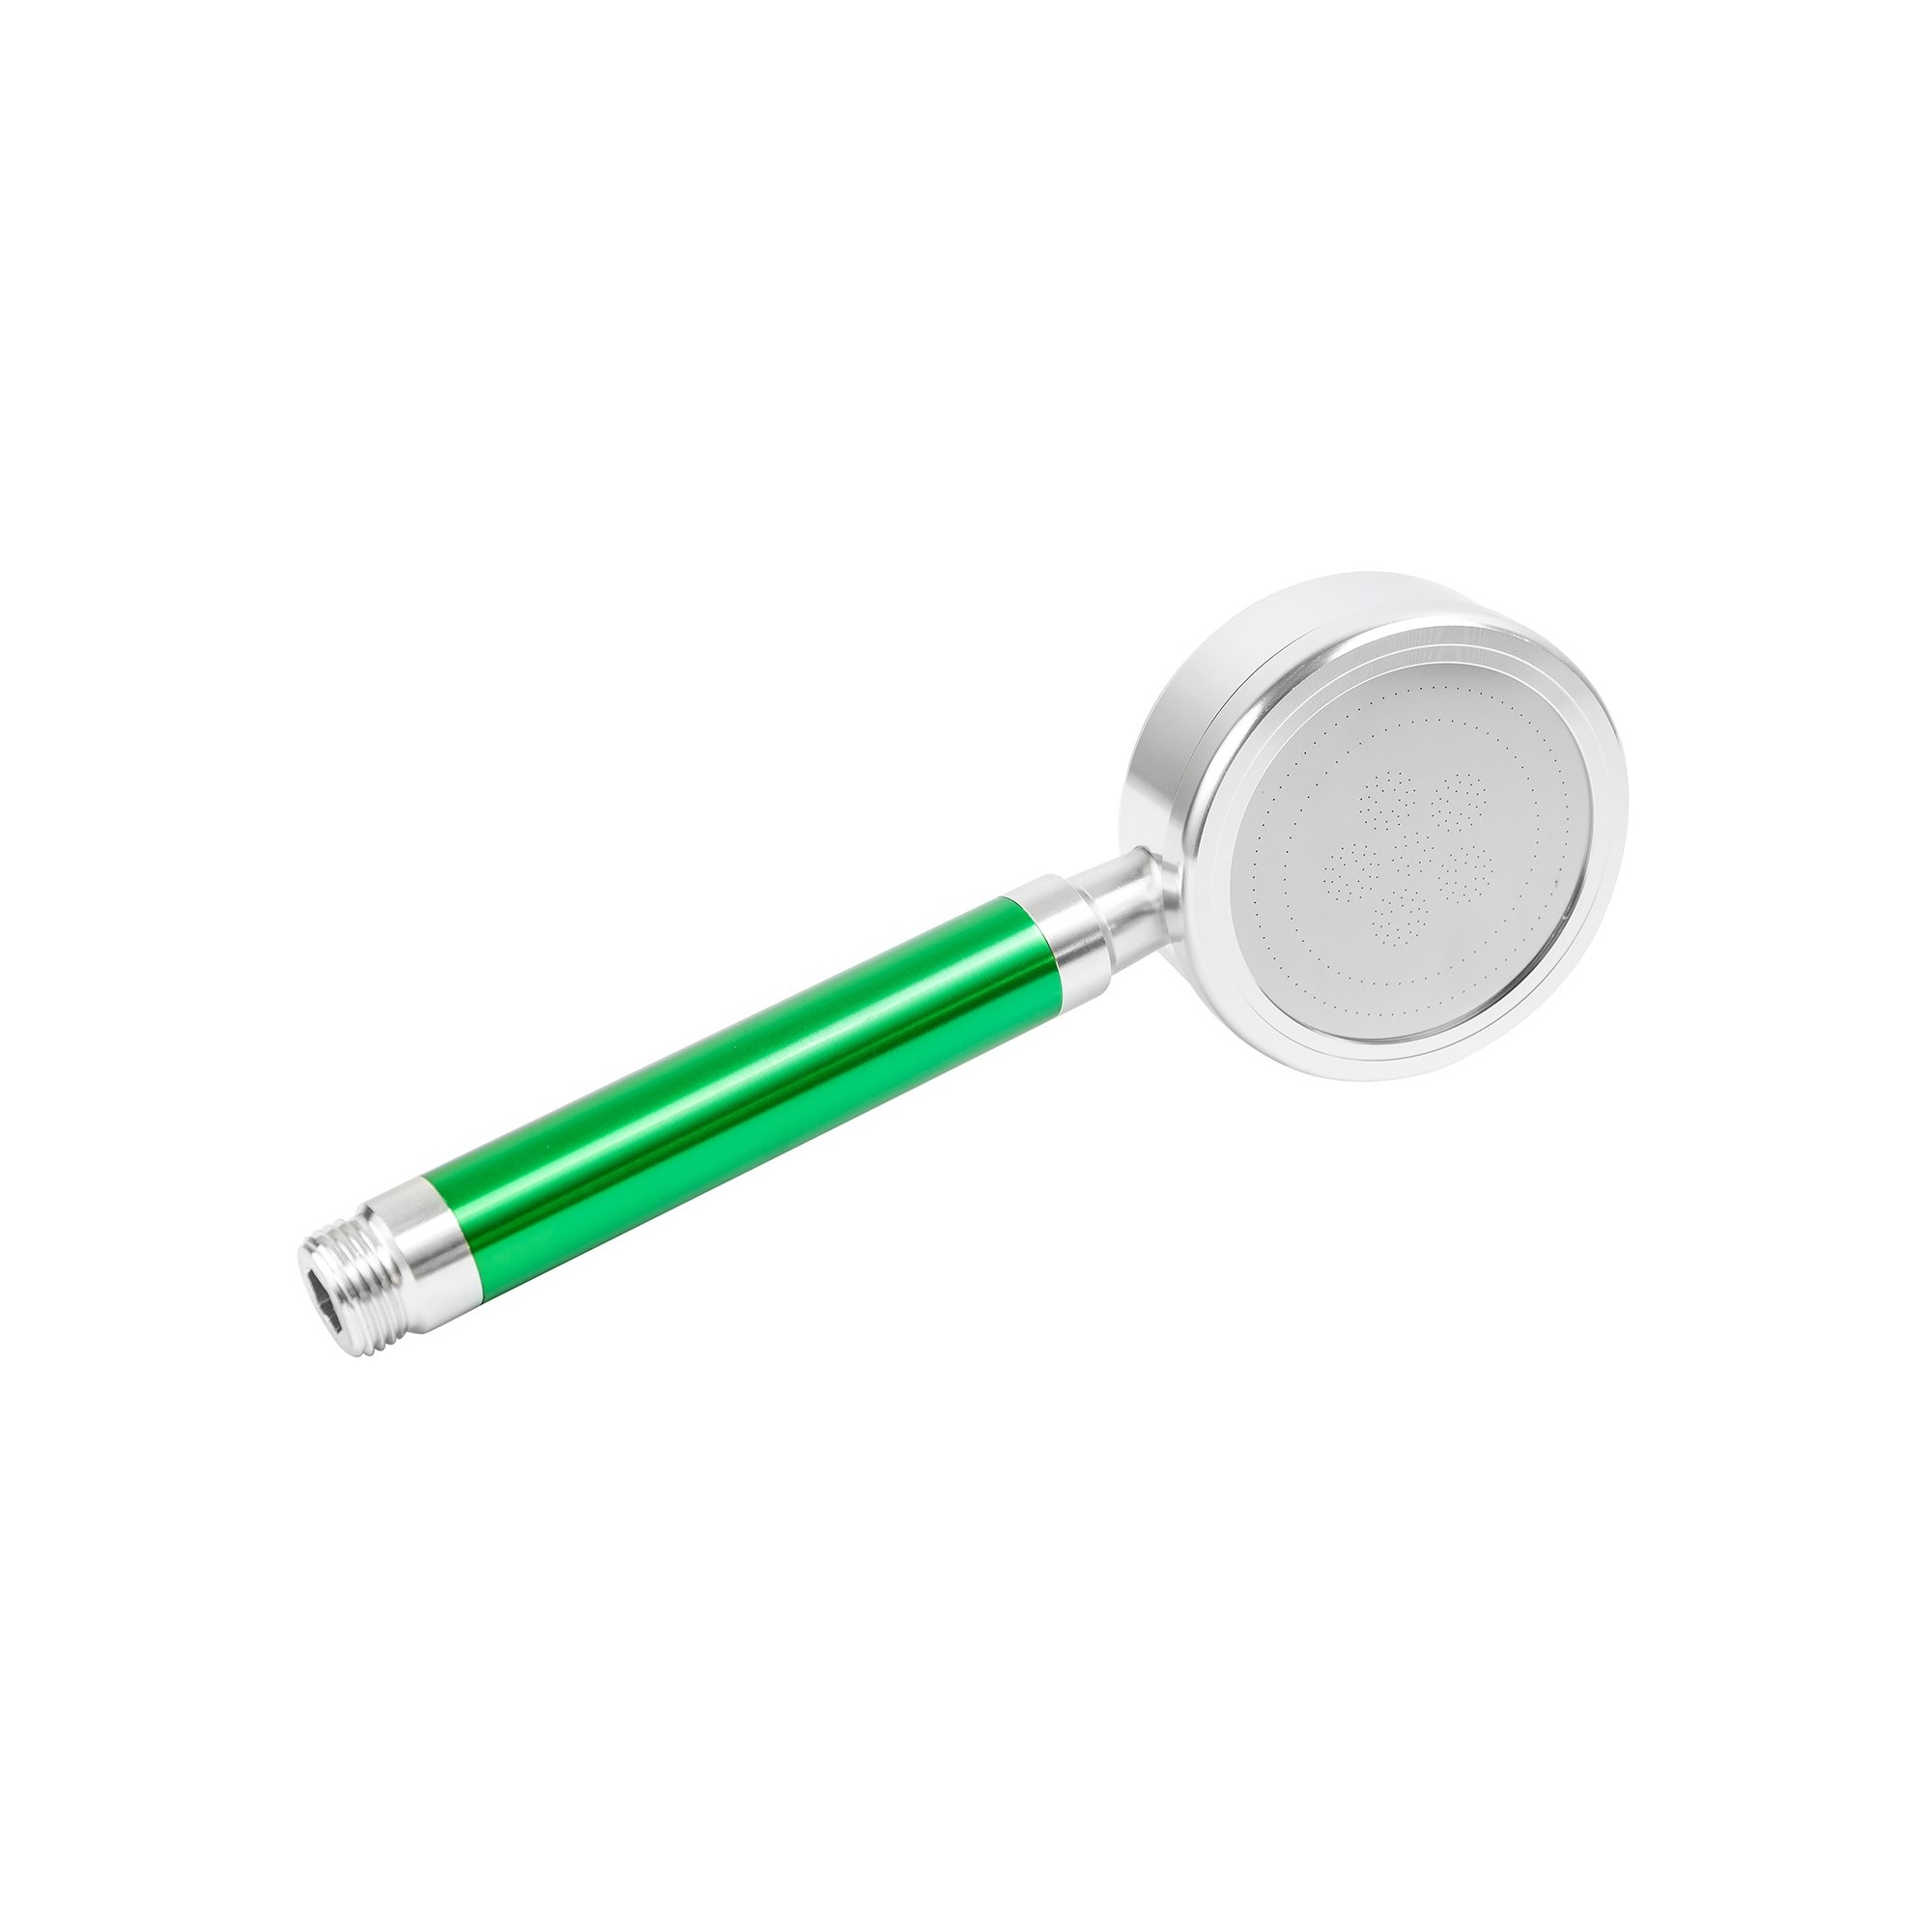 Лейка душа алюминиевая разборная с фильтром, зеленая ANGO - 1